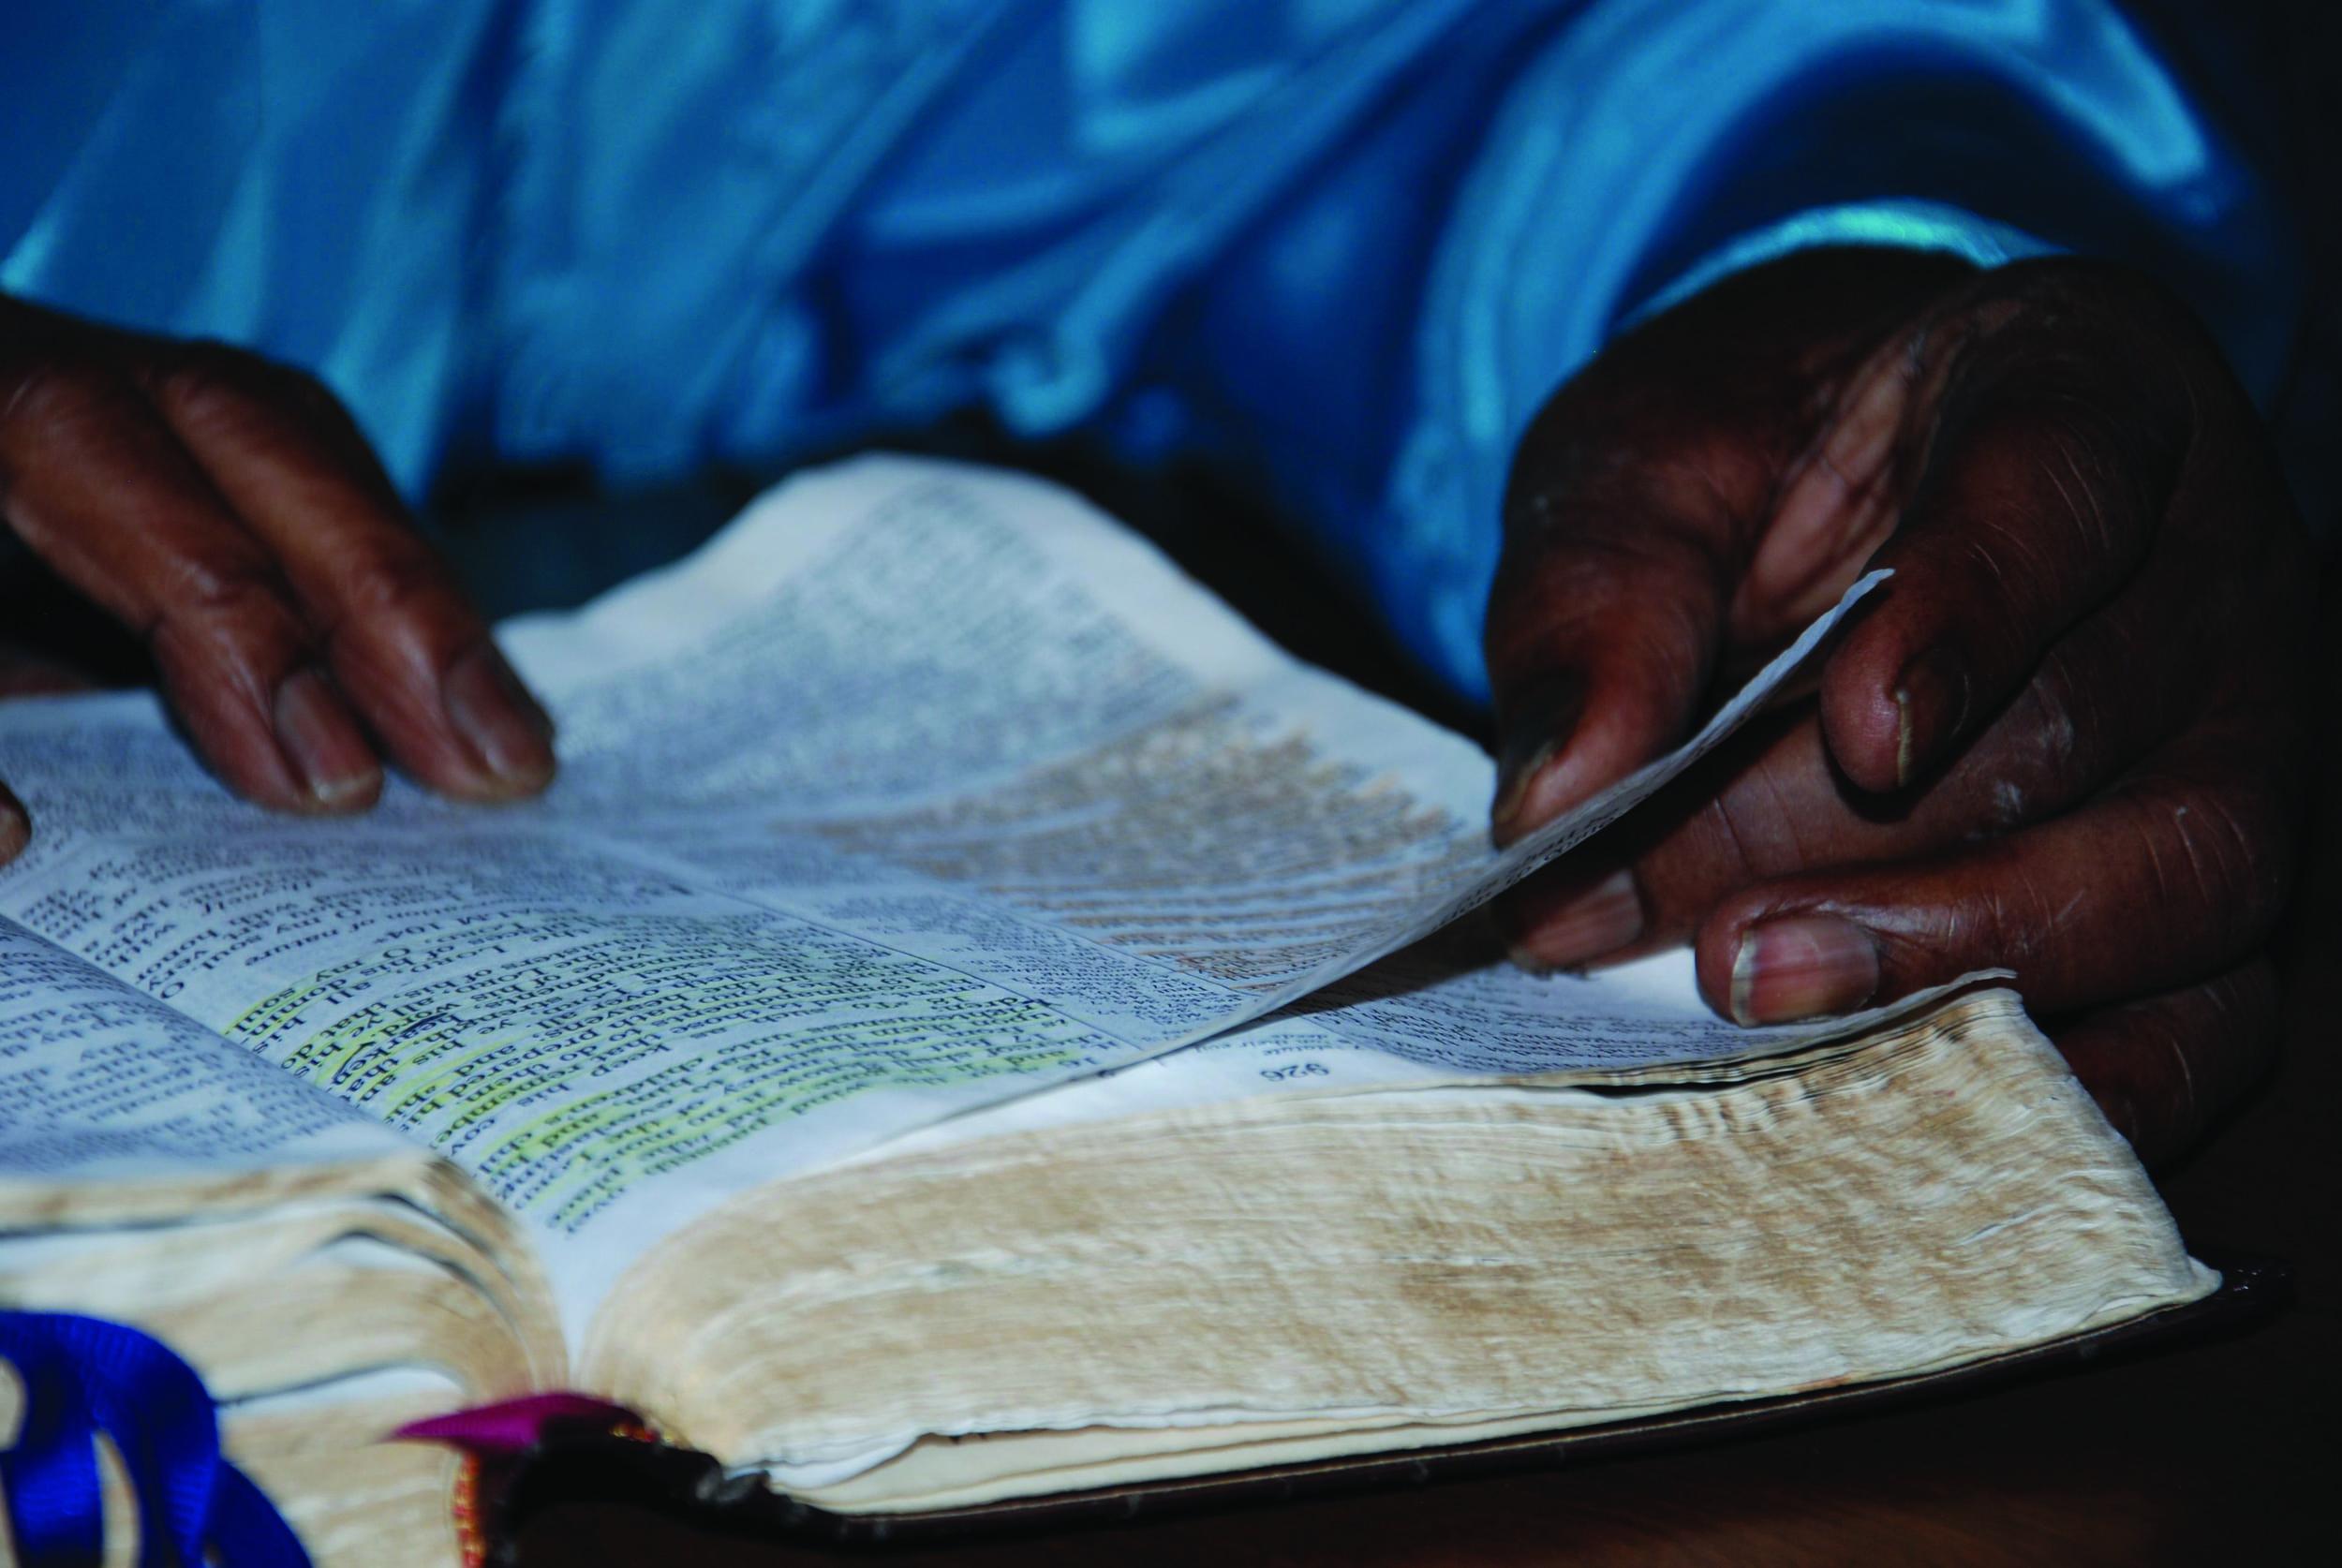 Bible in her hands 3.jpg